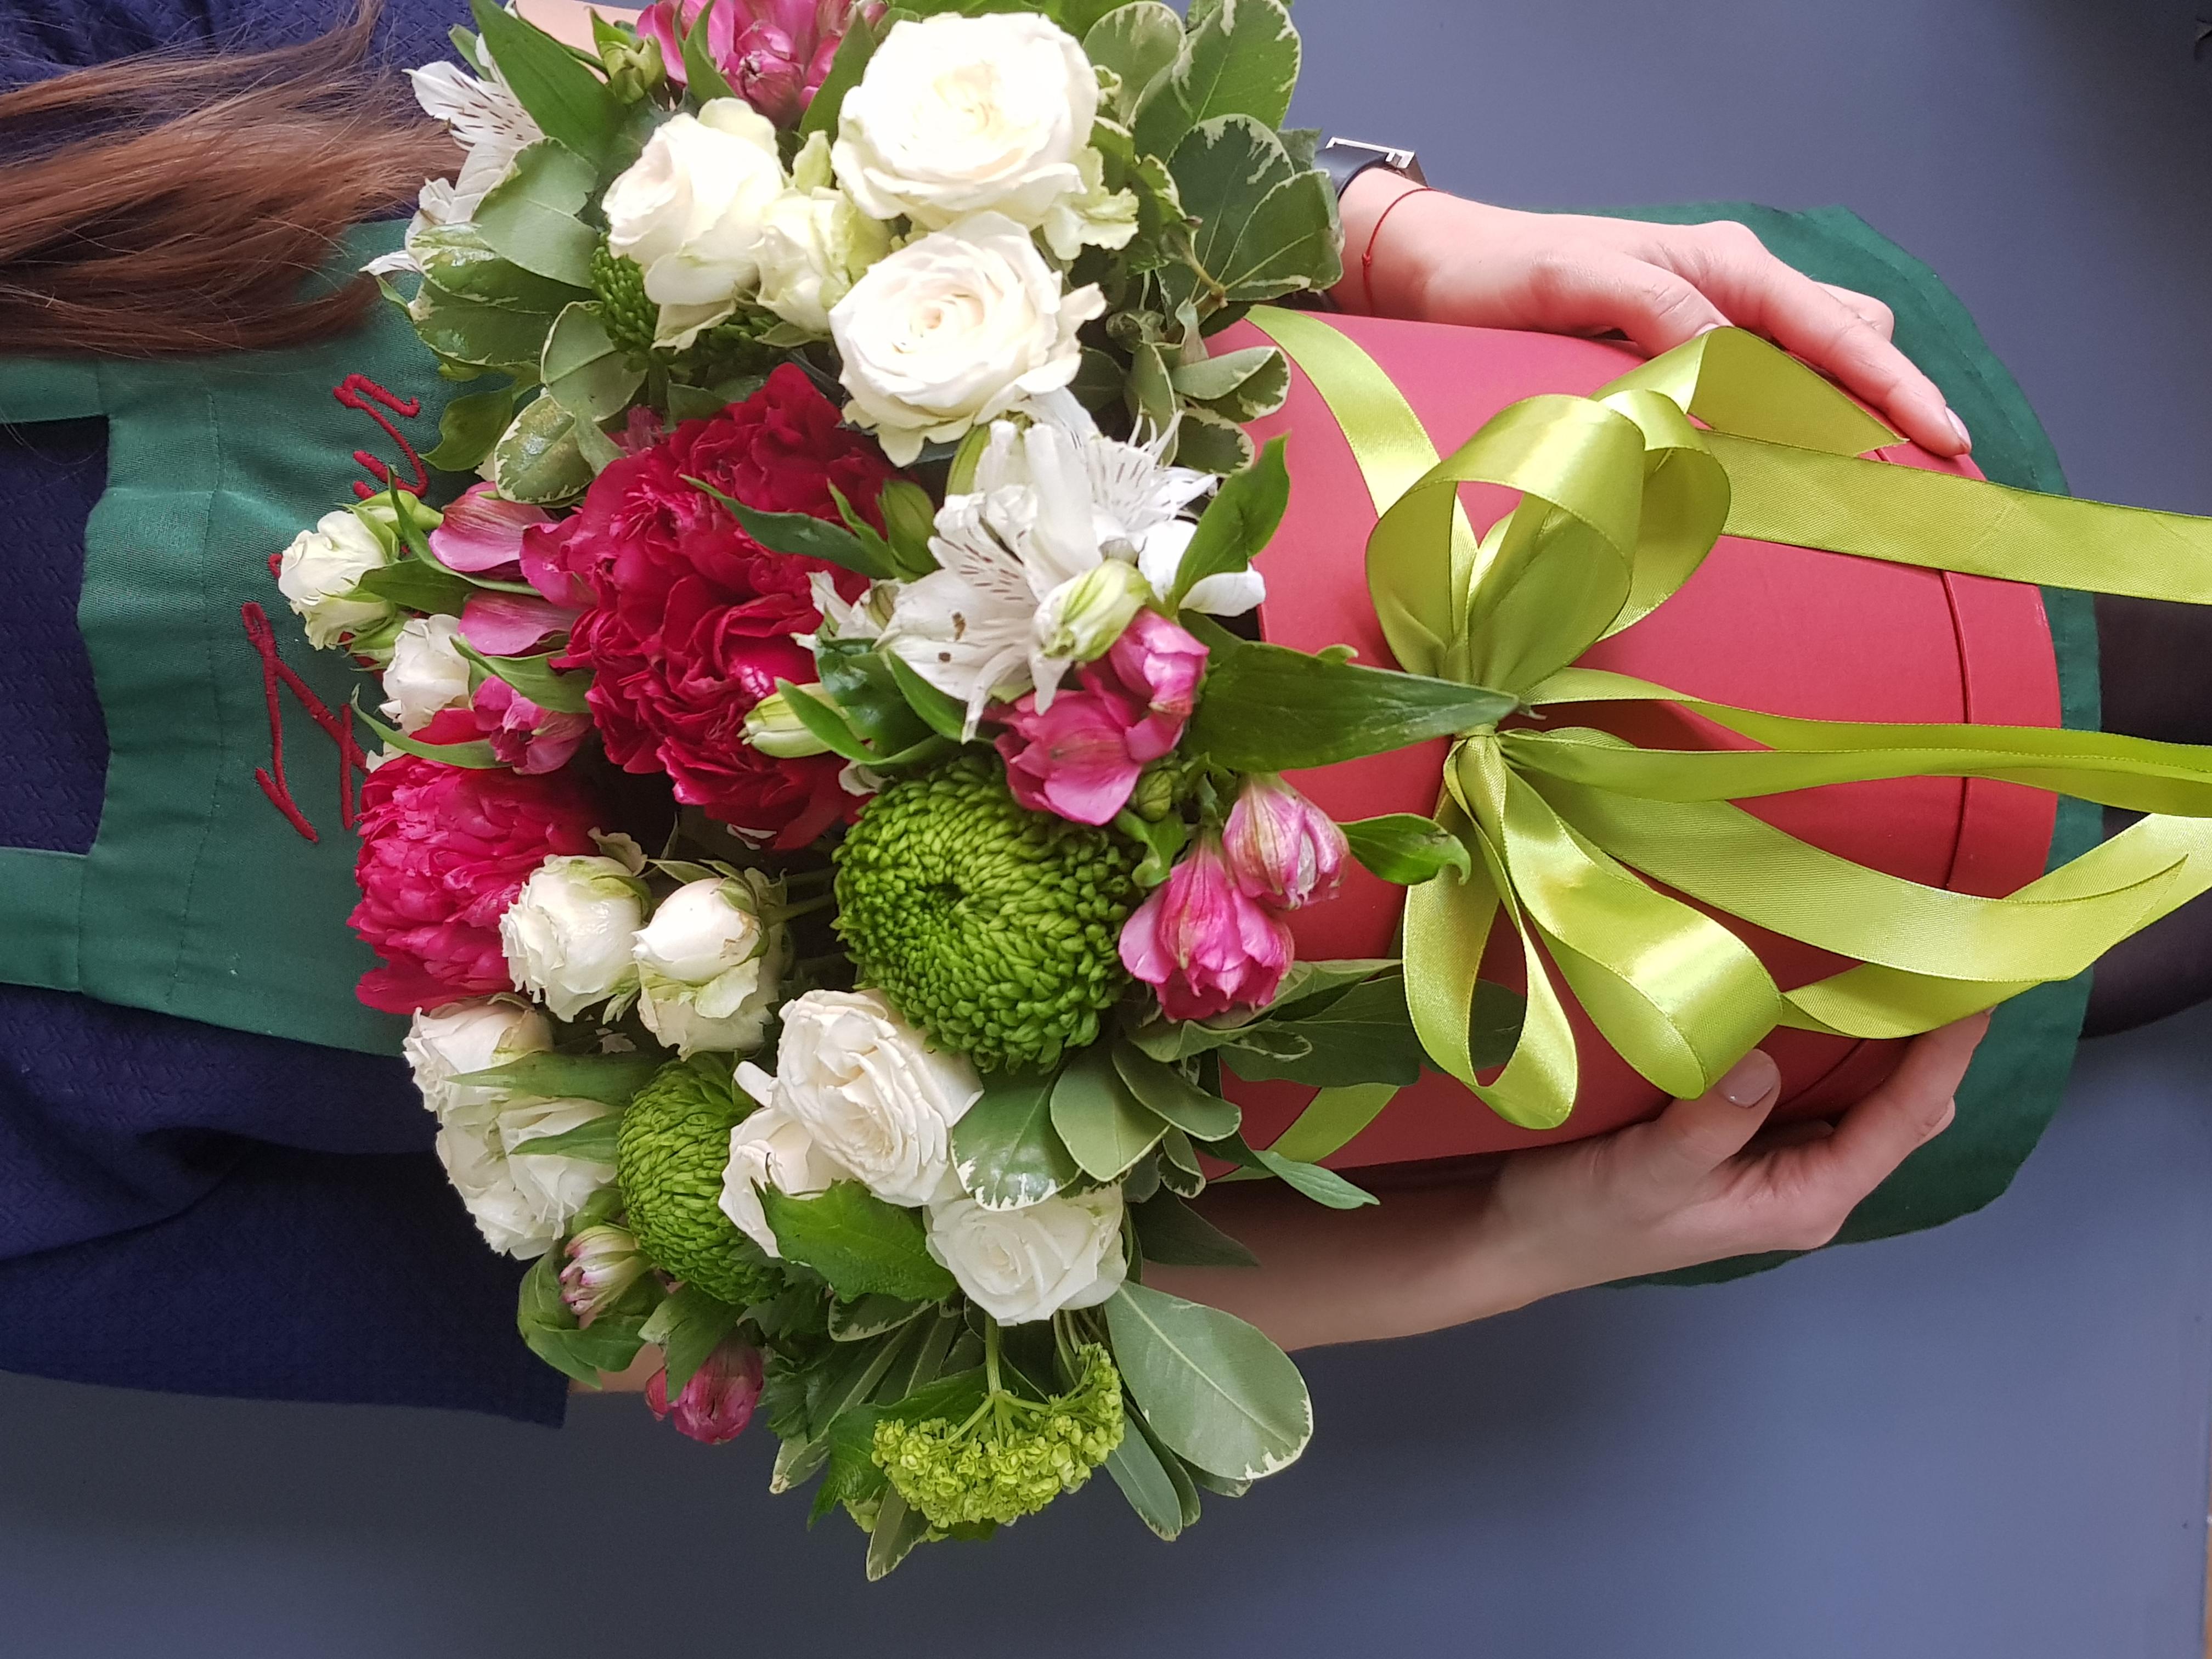 Беларусь международная доставка цветов